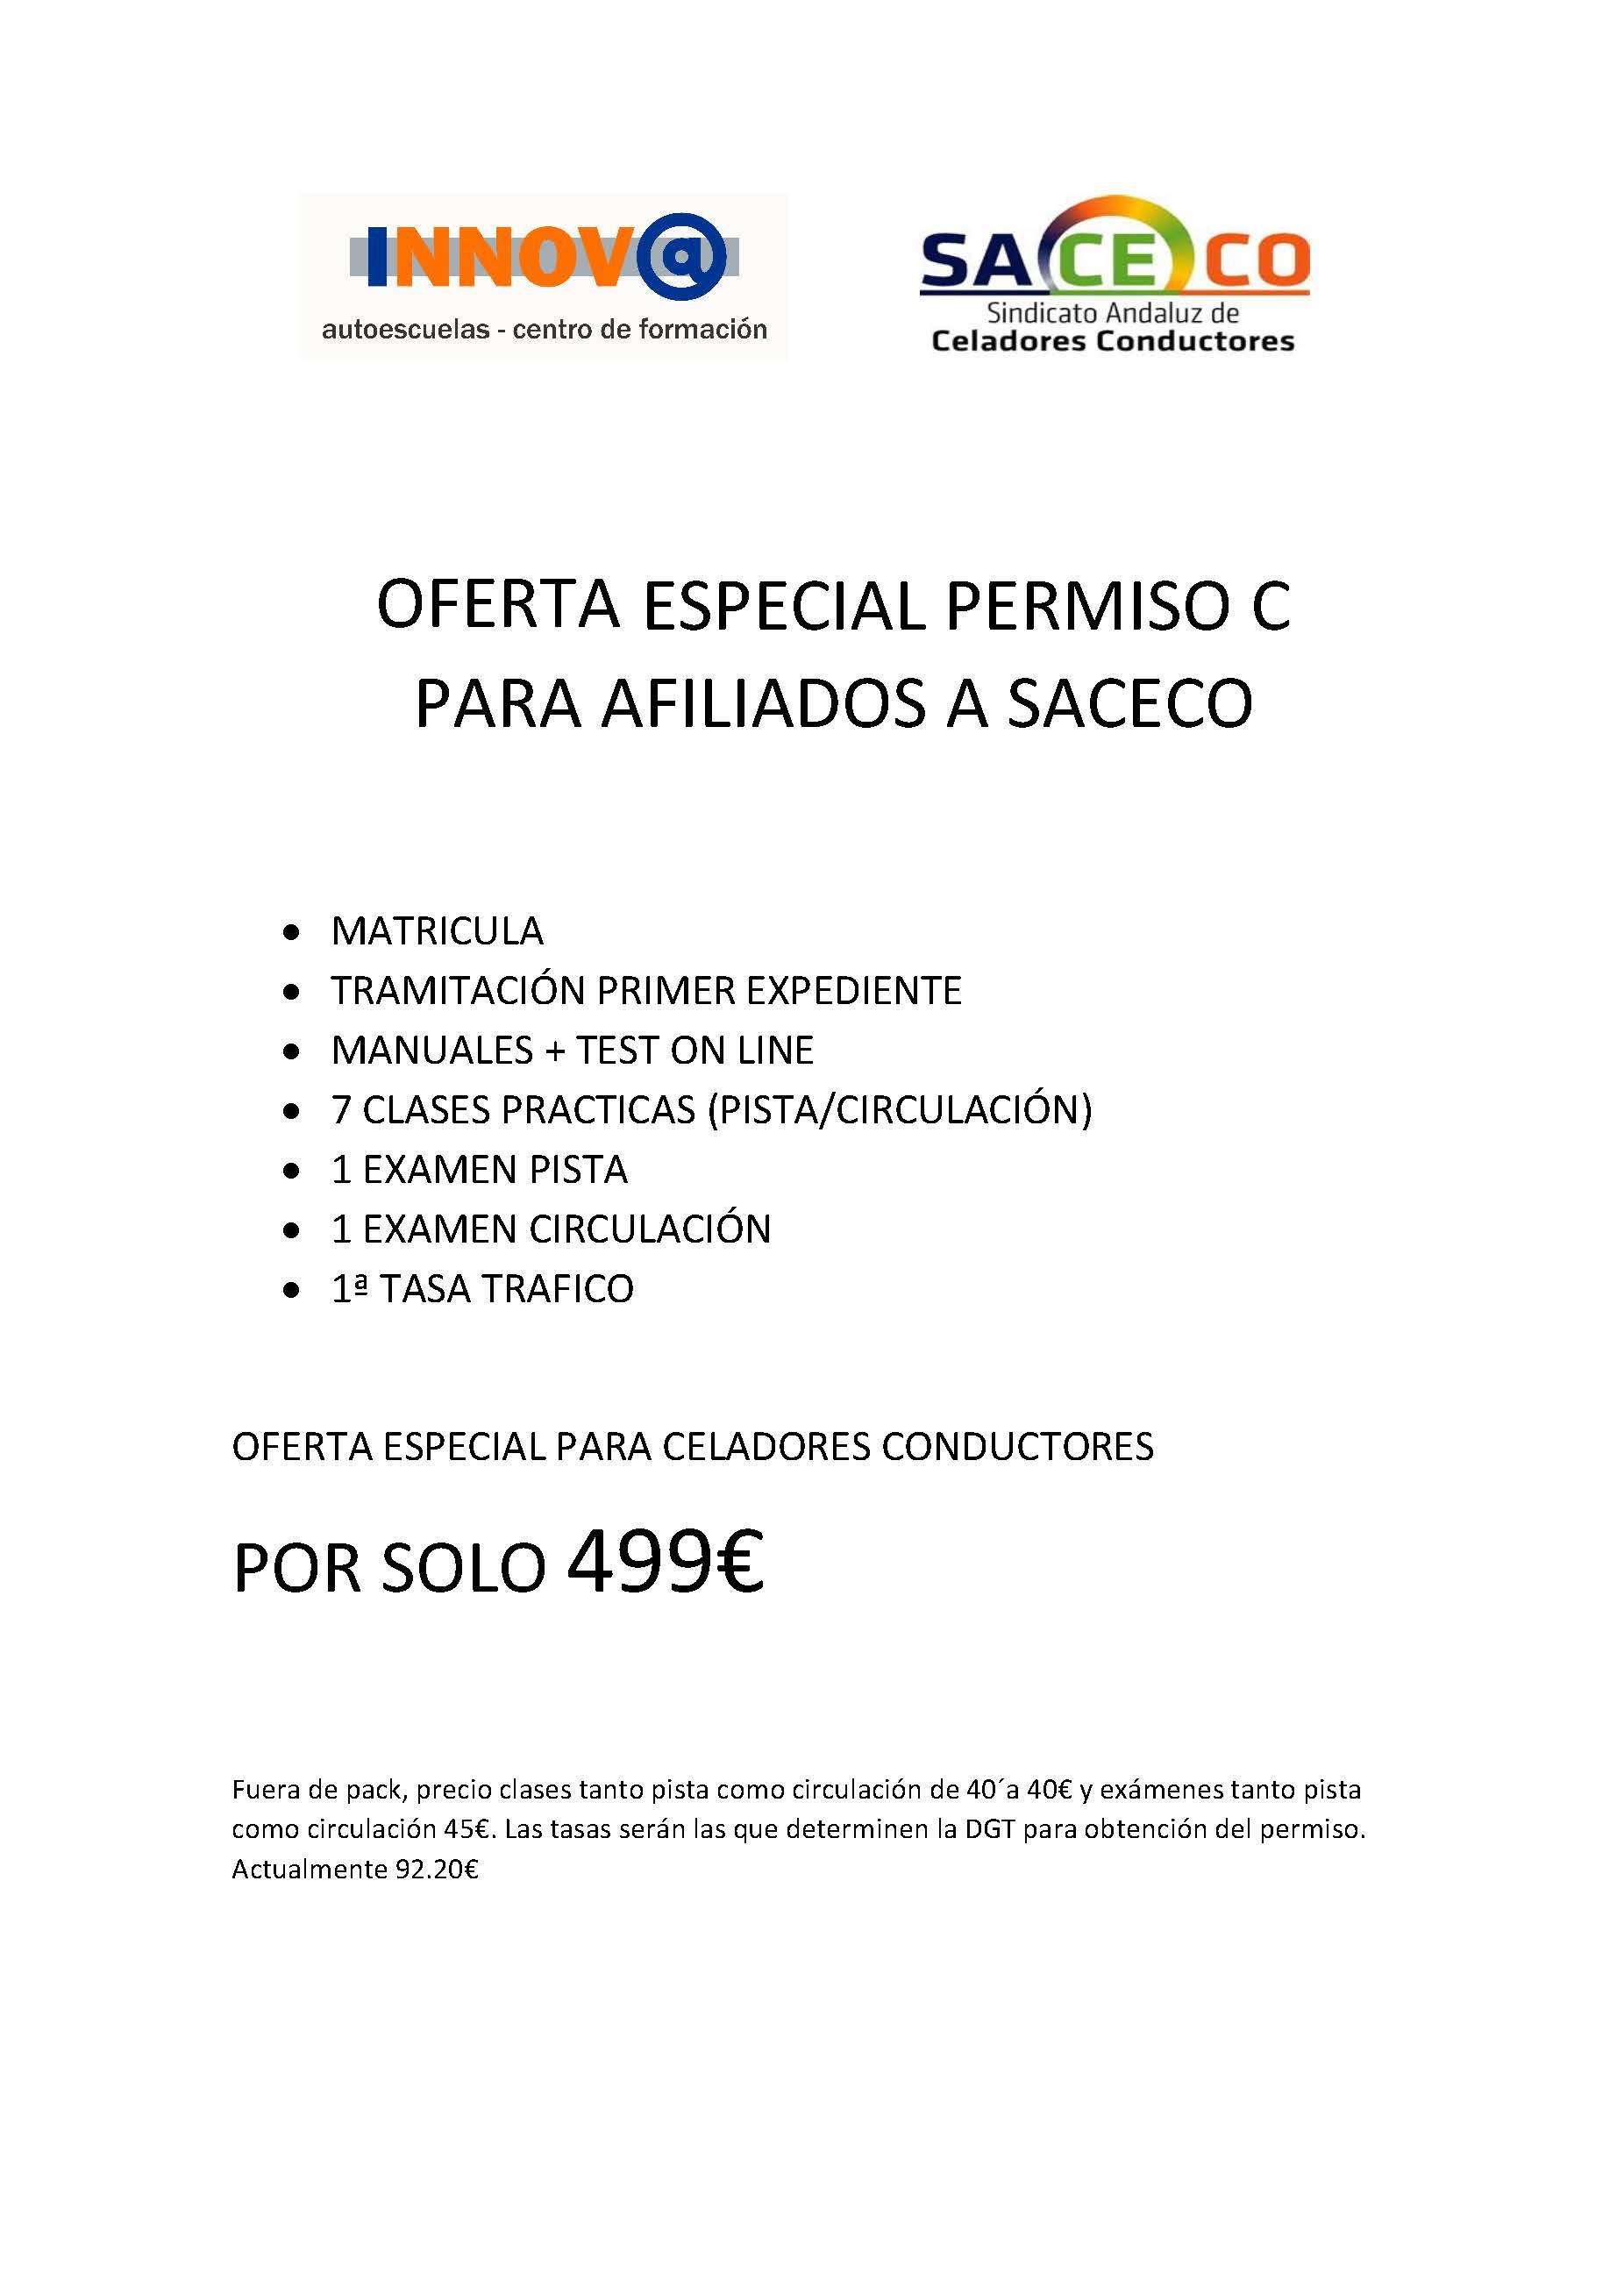 PROPUESTA DE OFERTA ESPECIAL PERMISO C CONDUCTORES CELADORES